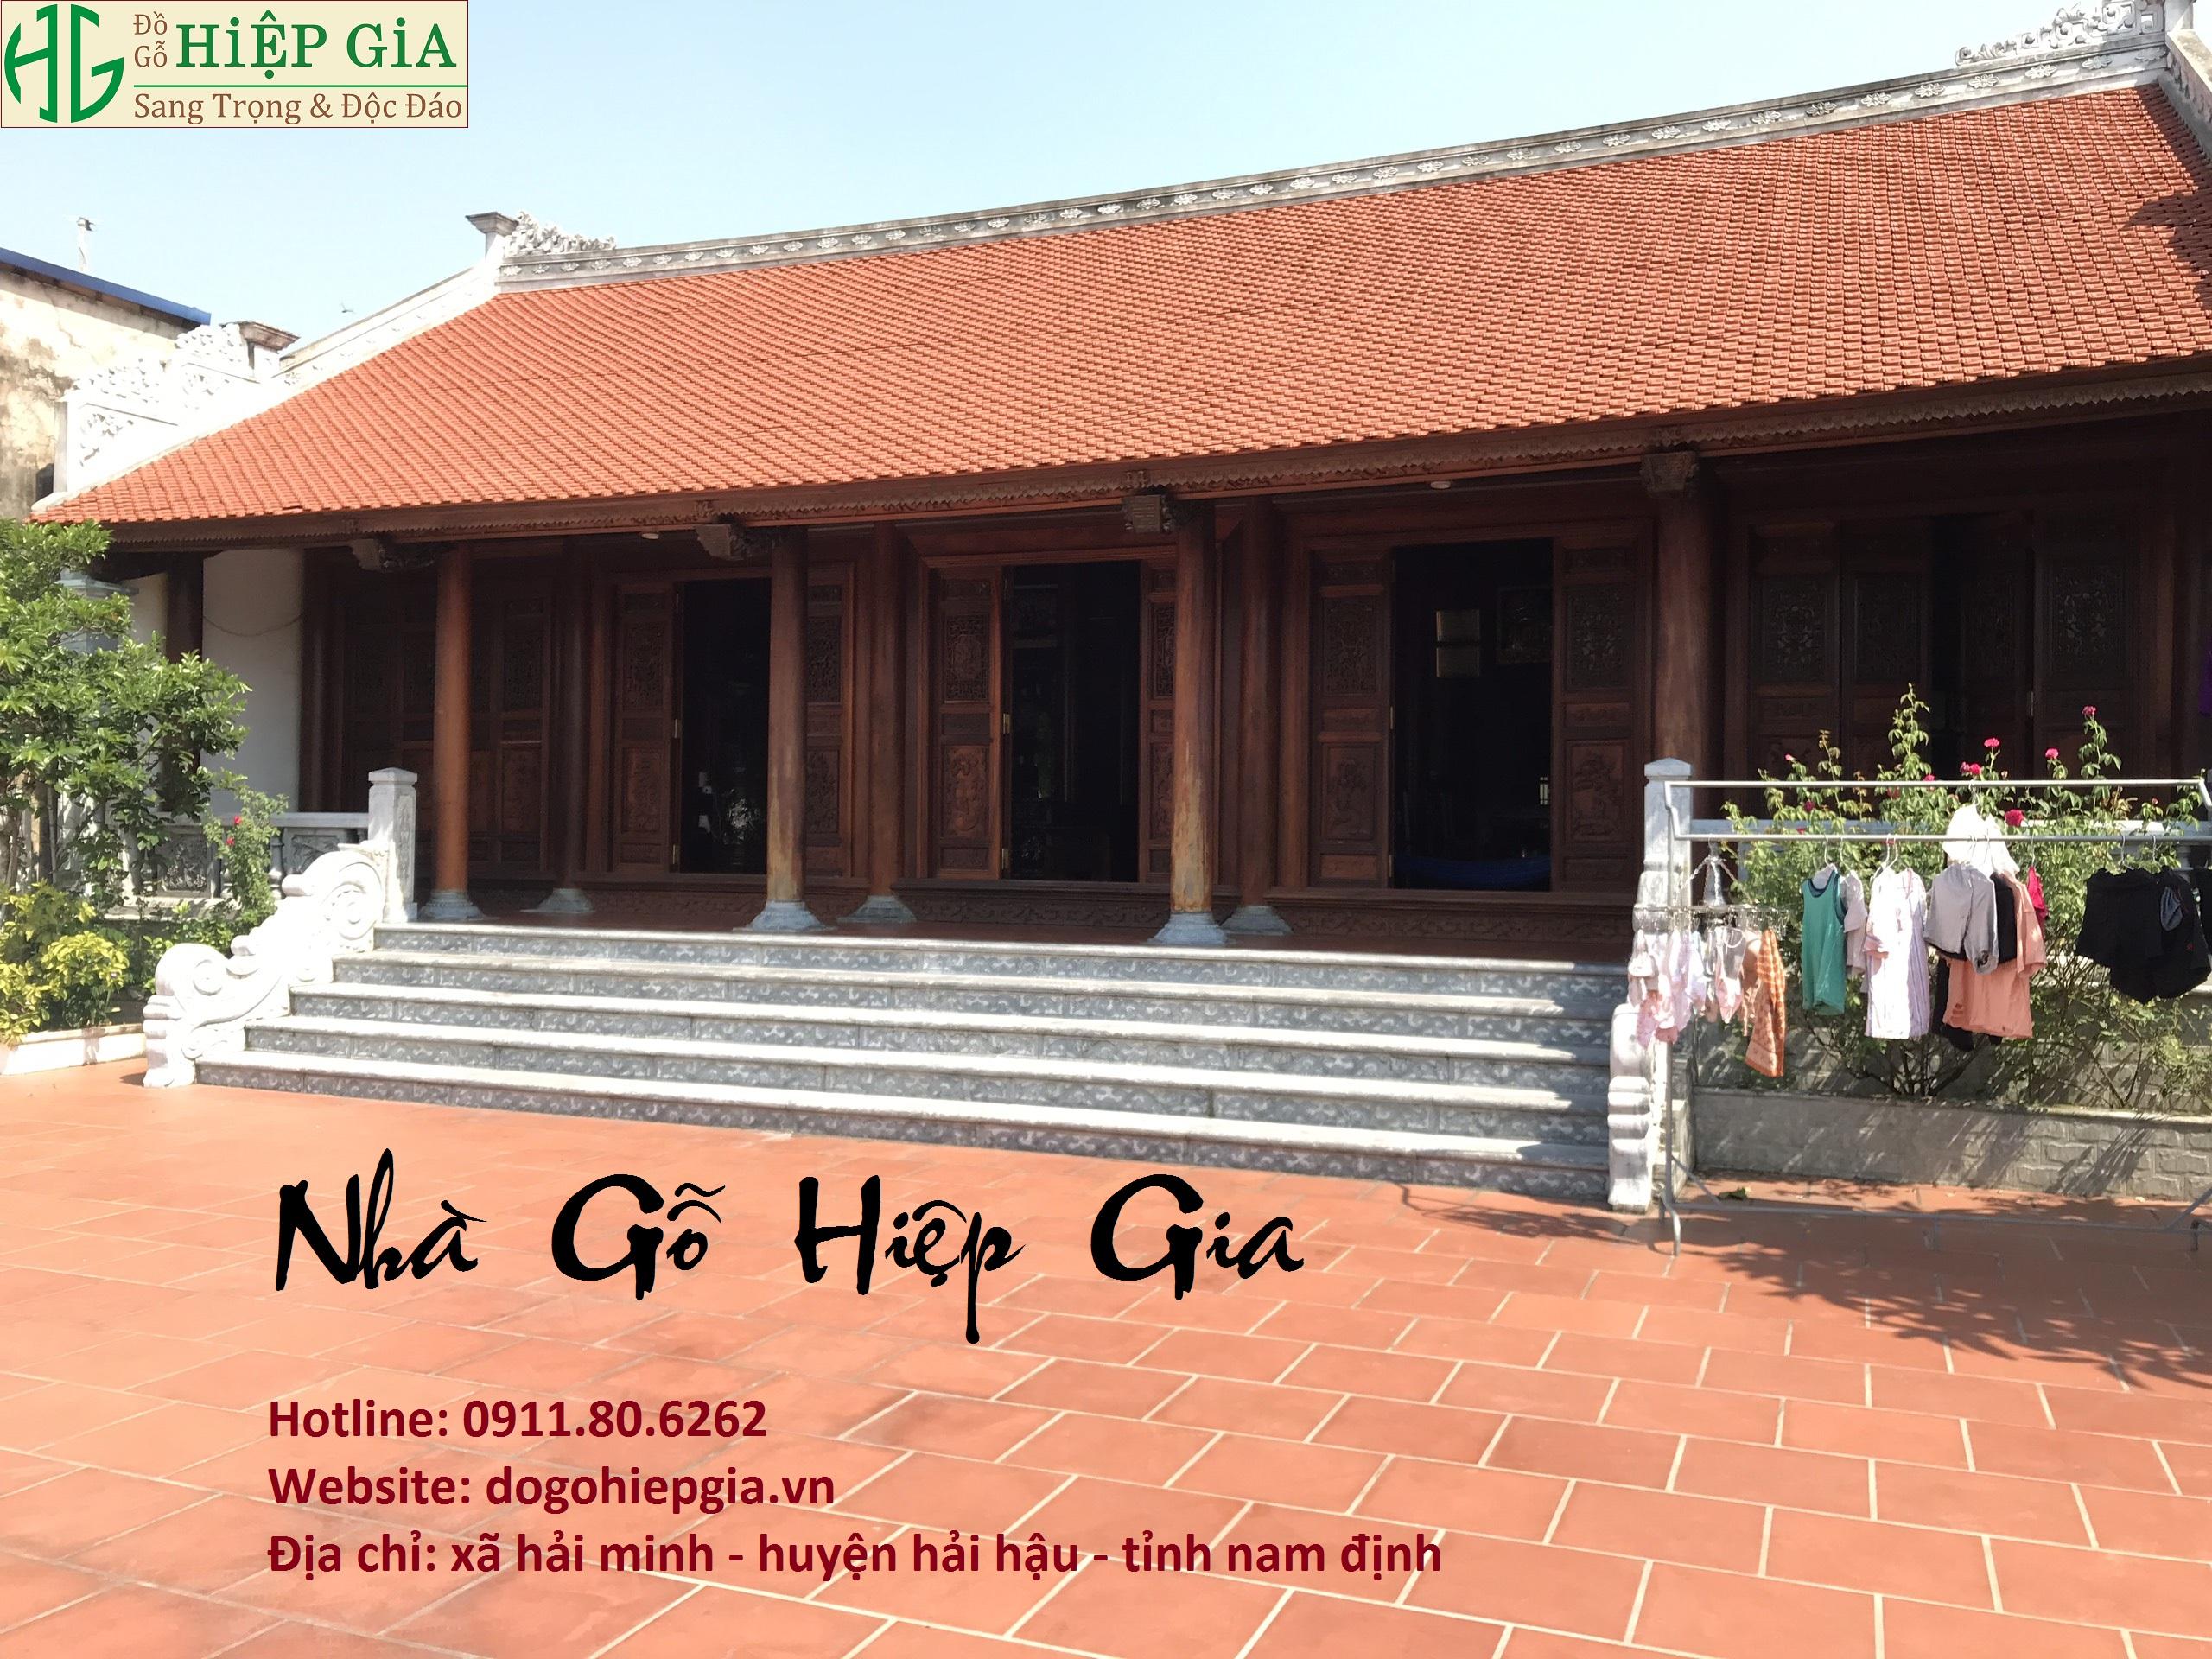 nha go lim 1 1 - Nhà Gỗ Lim - Nhận Thiết Kế & Thi Công